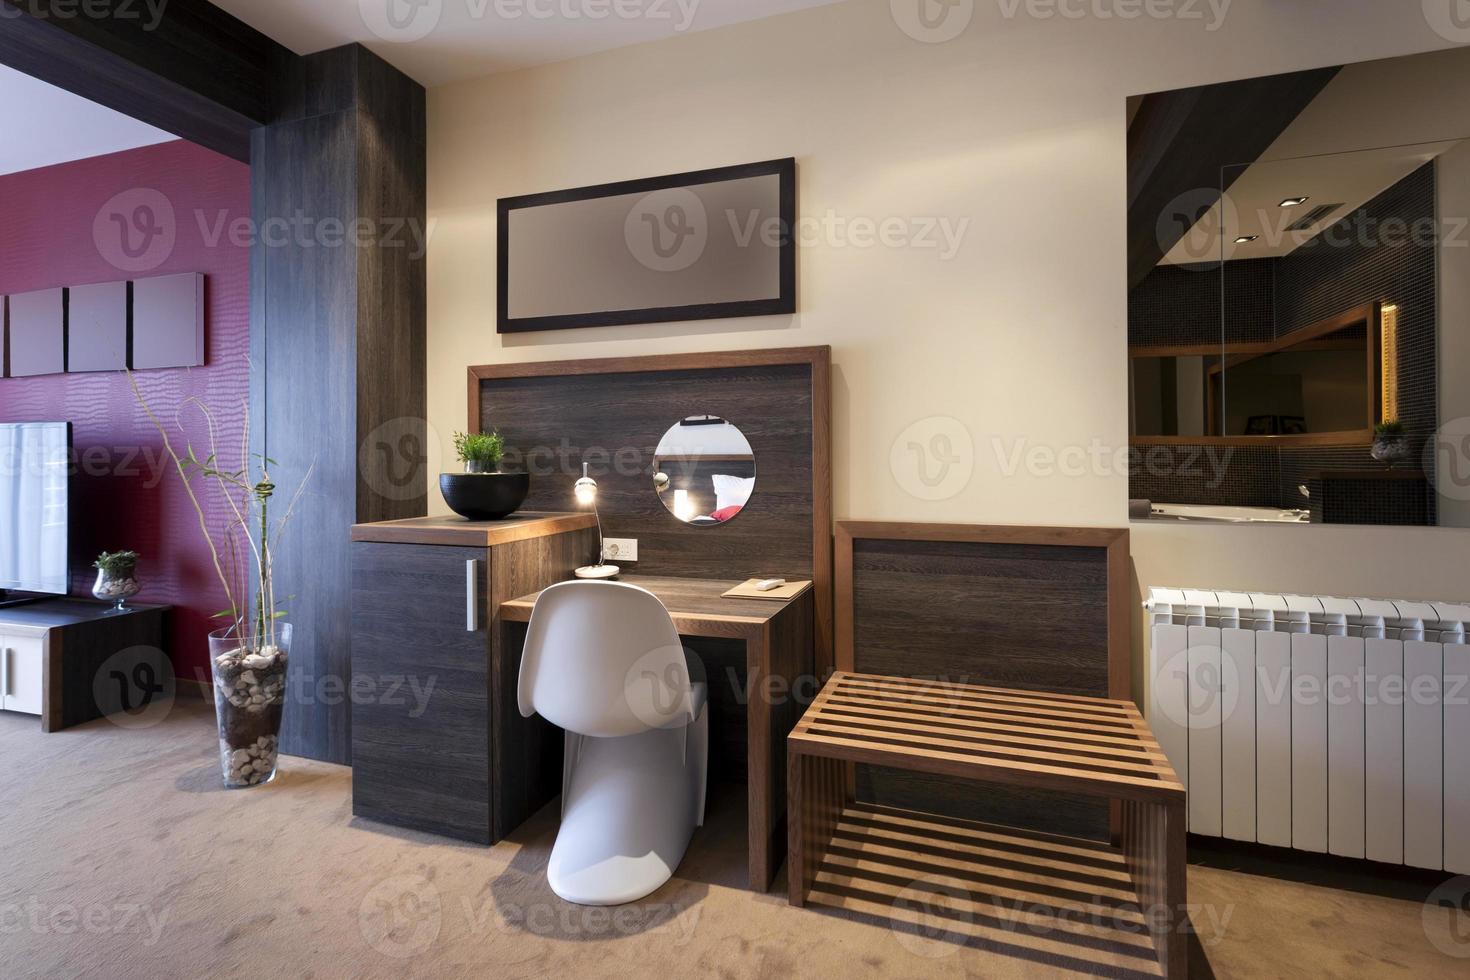 Schreibtisch und Stuhl im Interieur eines Luxushotelzimmers foto